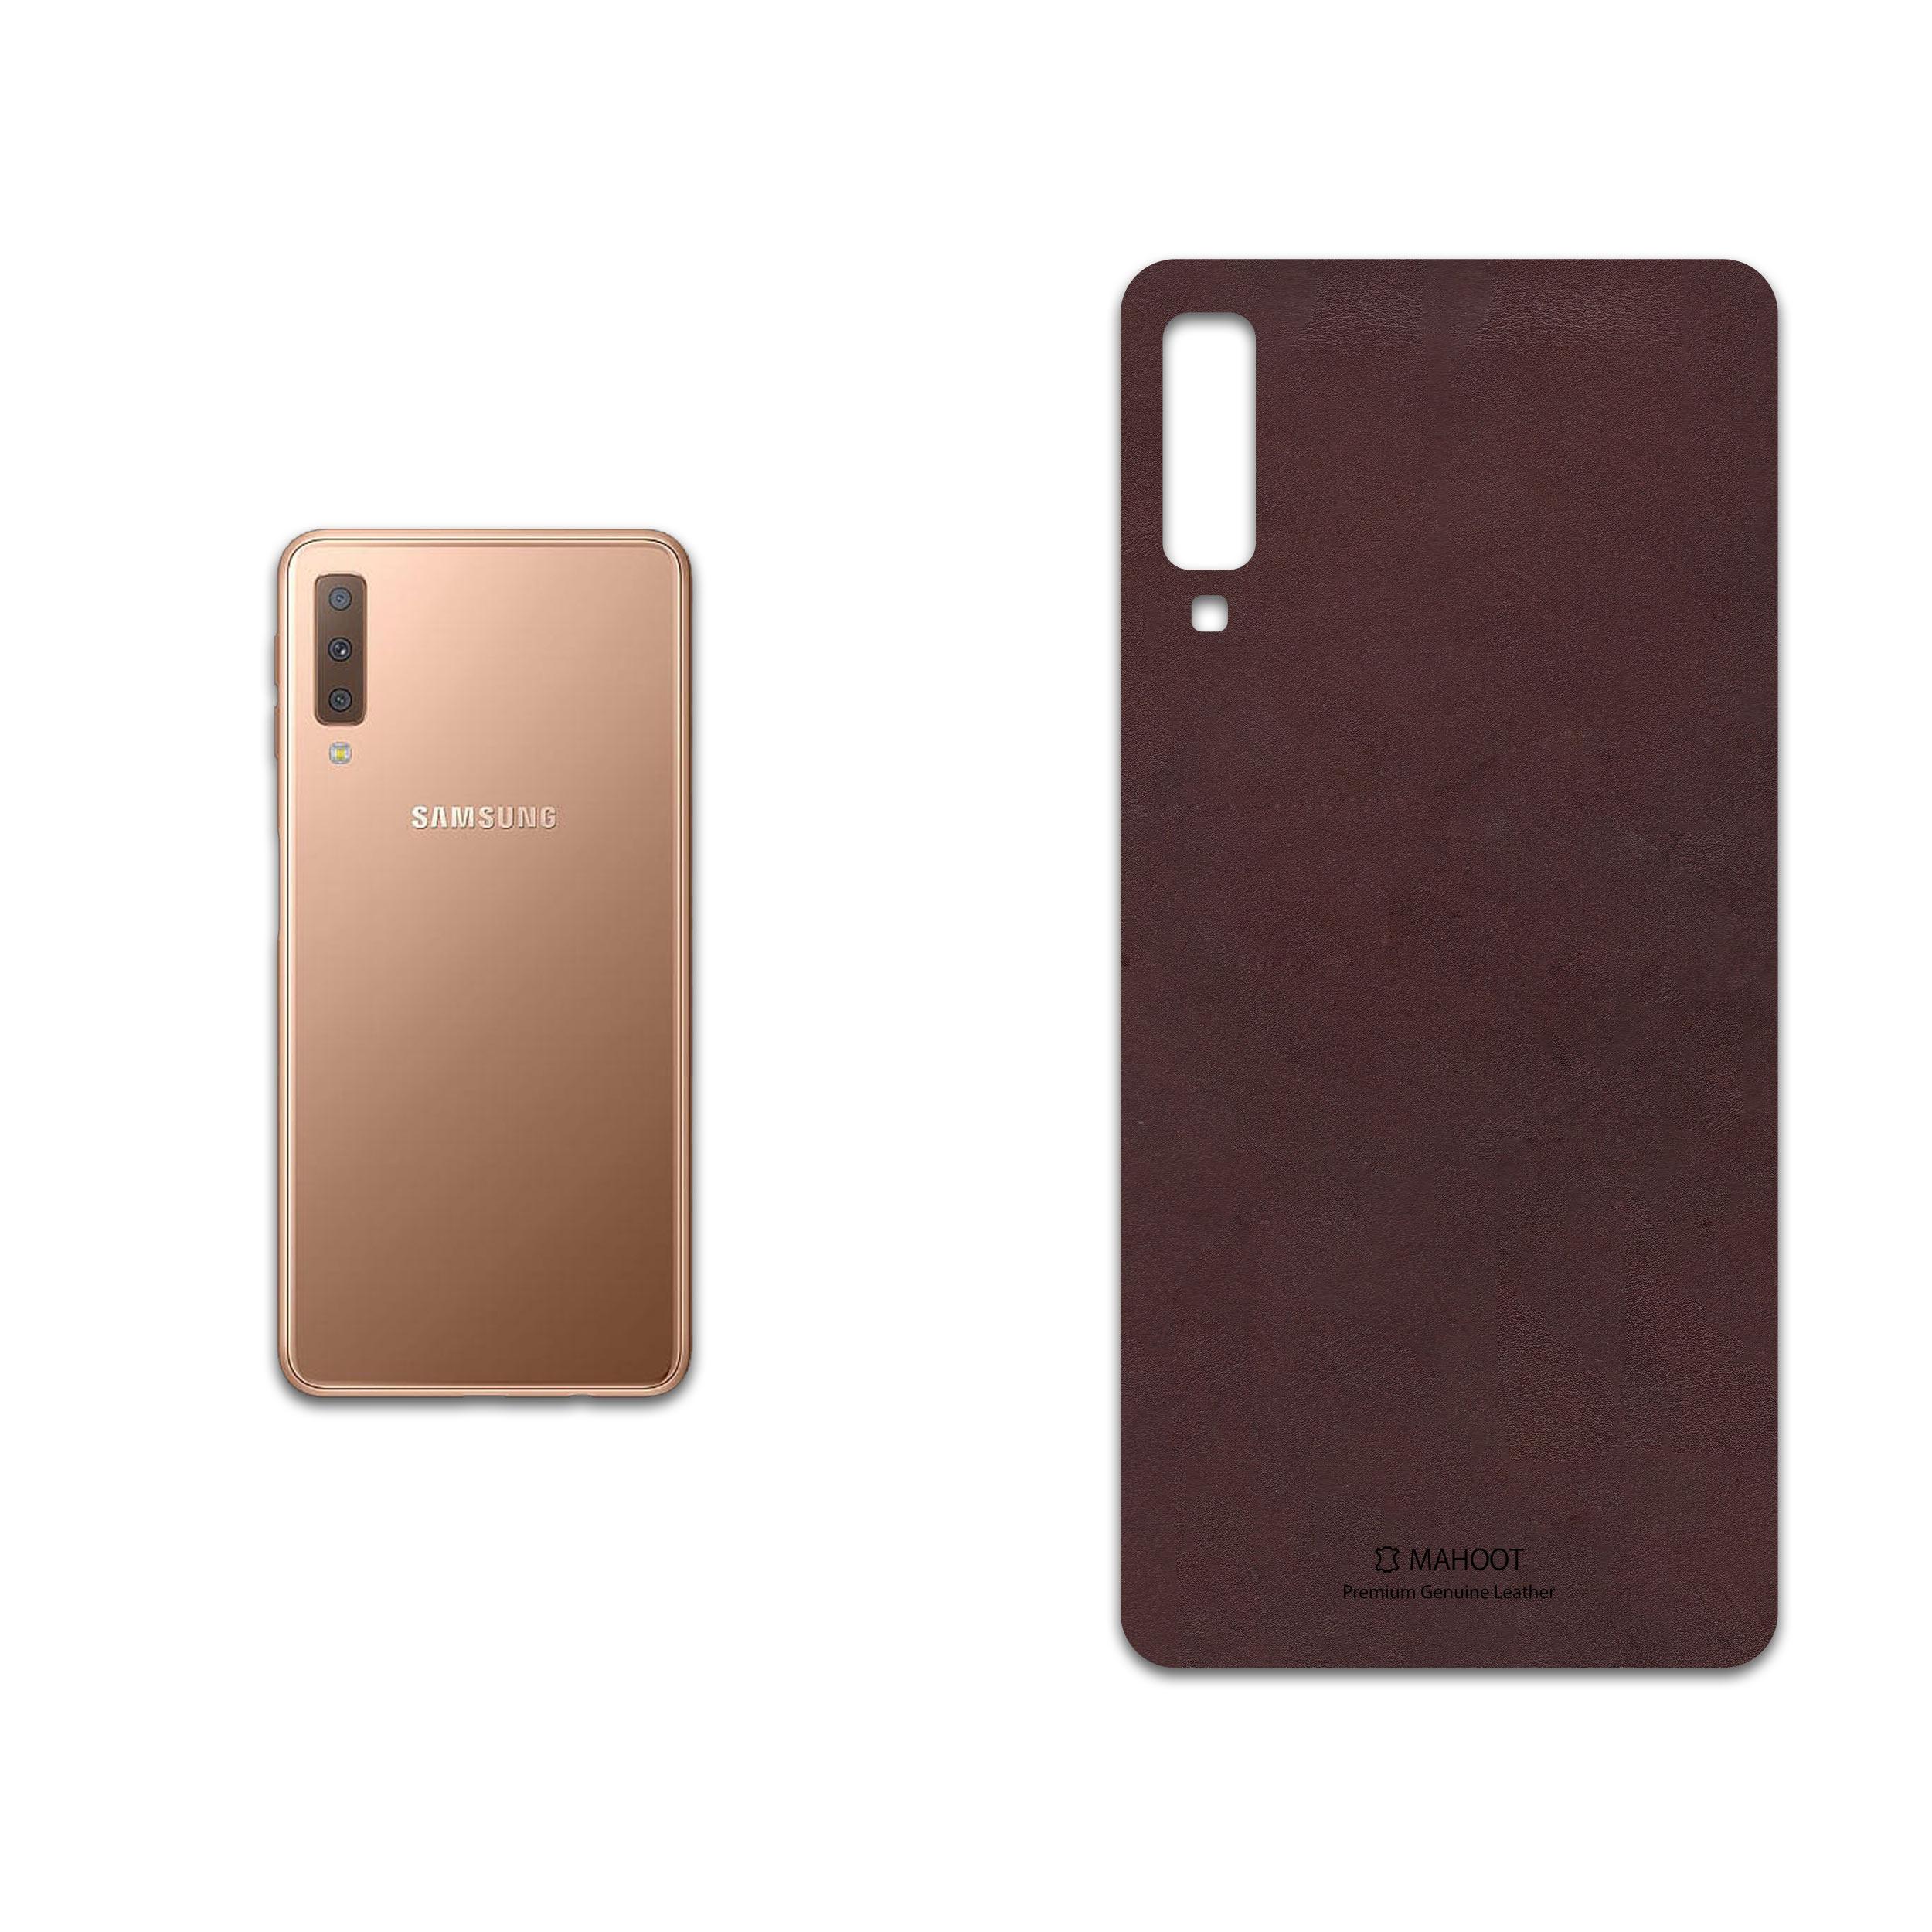 برچسب پوششی ماهوت مدل Matte-Dark-Brown-Leather مناسب برای گوشی موبایل سامسونگ Galaxy A7 2018